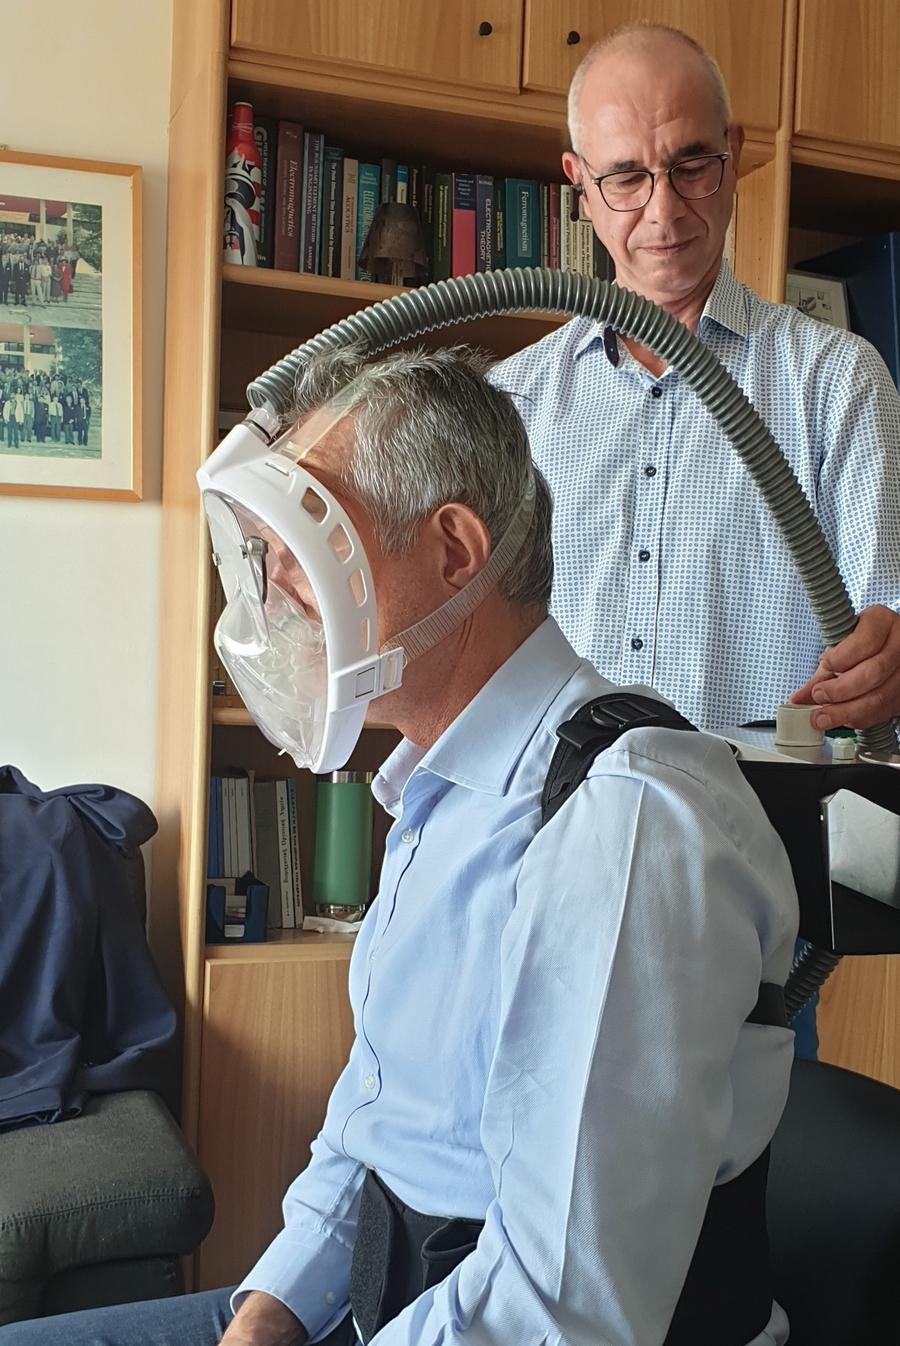 κορονοϊός μάσκα ΑΠΘ εξολοθρευτής νοσηλευτικό προσωπικό παγκόσμια καινοτομία